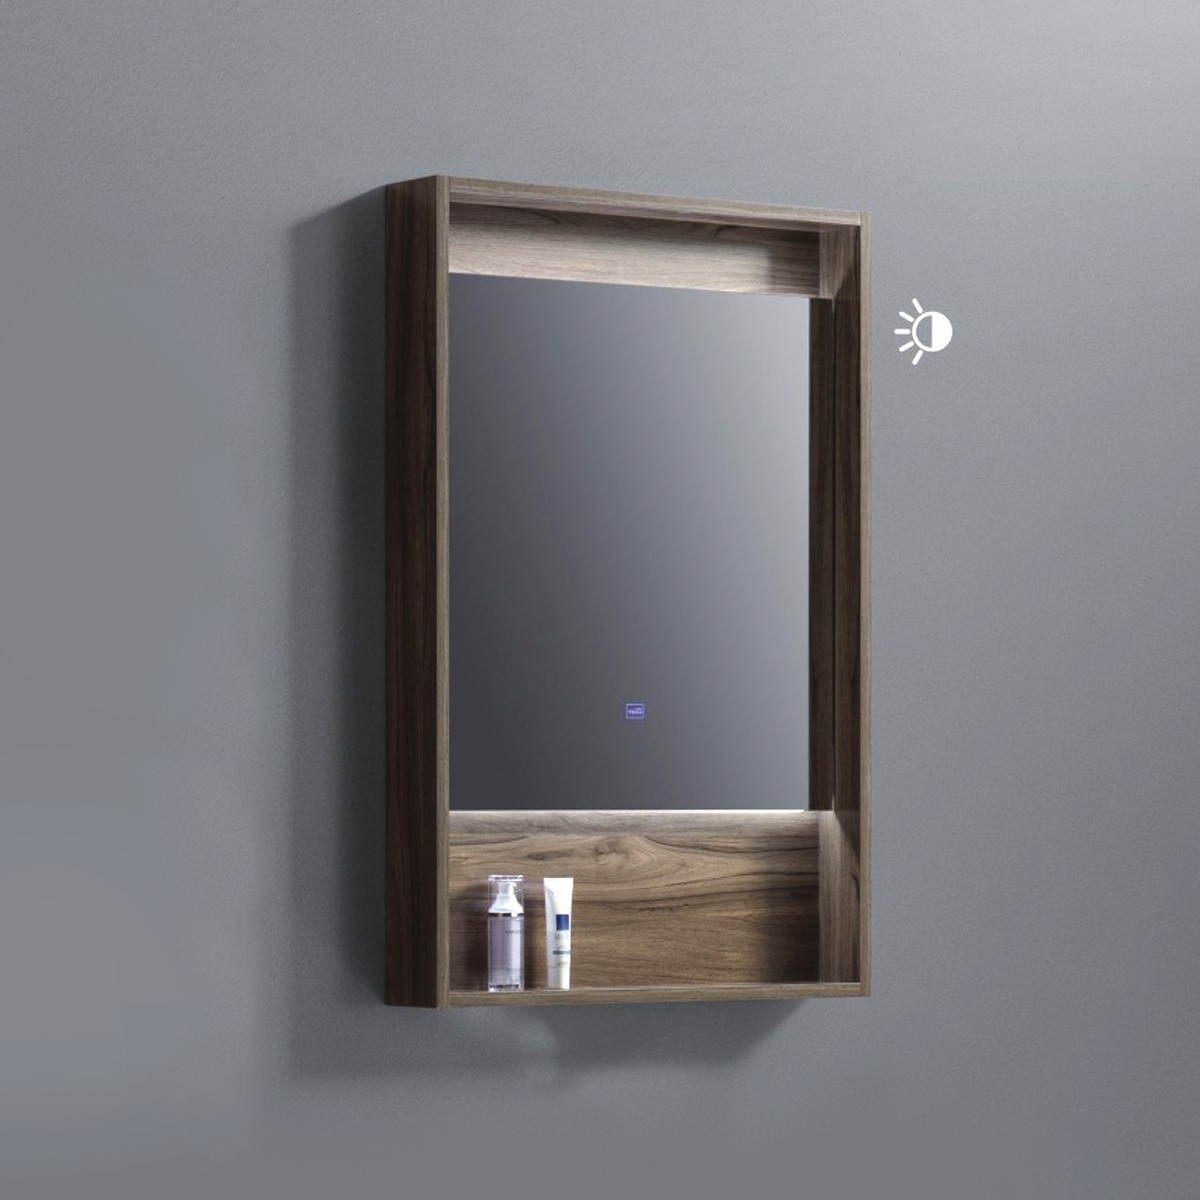 24 x 36 po Miroir avec étagère pour vanité salle de bain (AG8001W-M)